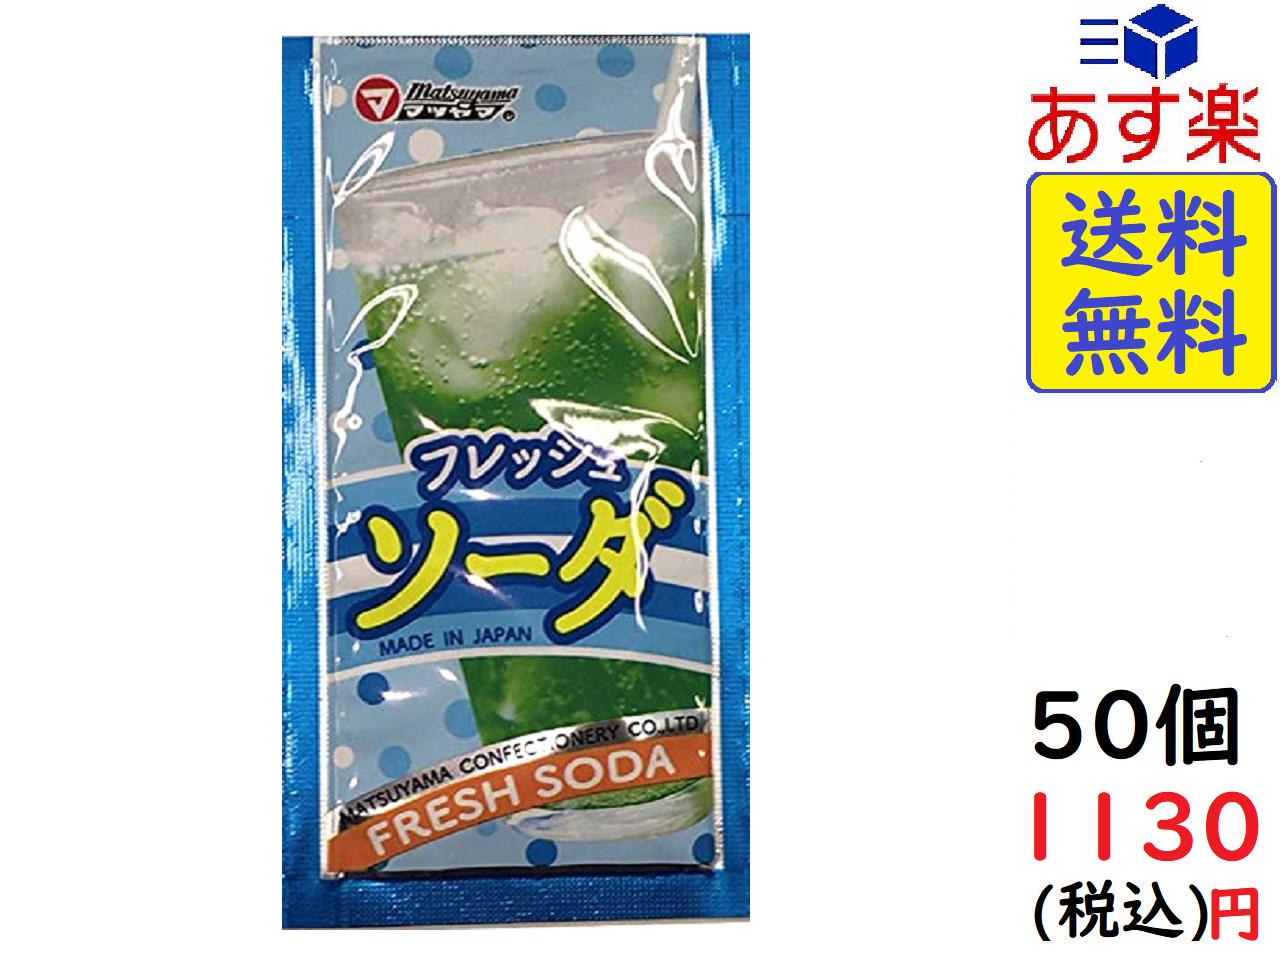 送料無料 あす楽対応 ポスト投函 松山製菓 フレッシュソーダ 06 賞味期限2022 ×50袋 12g 休日 新色追加